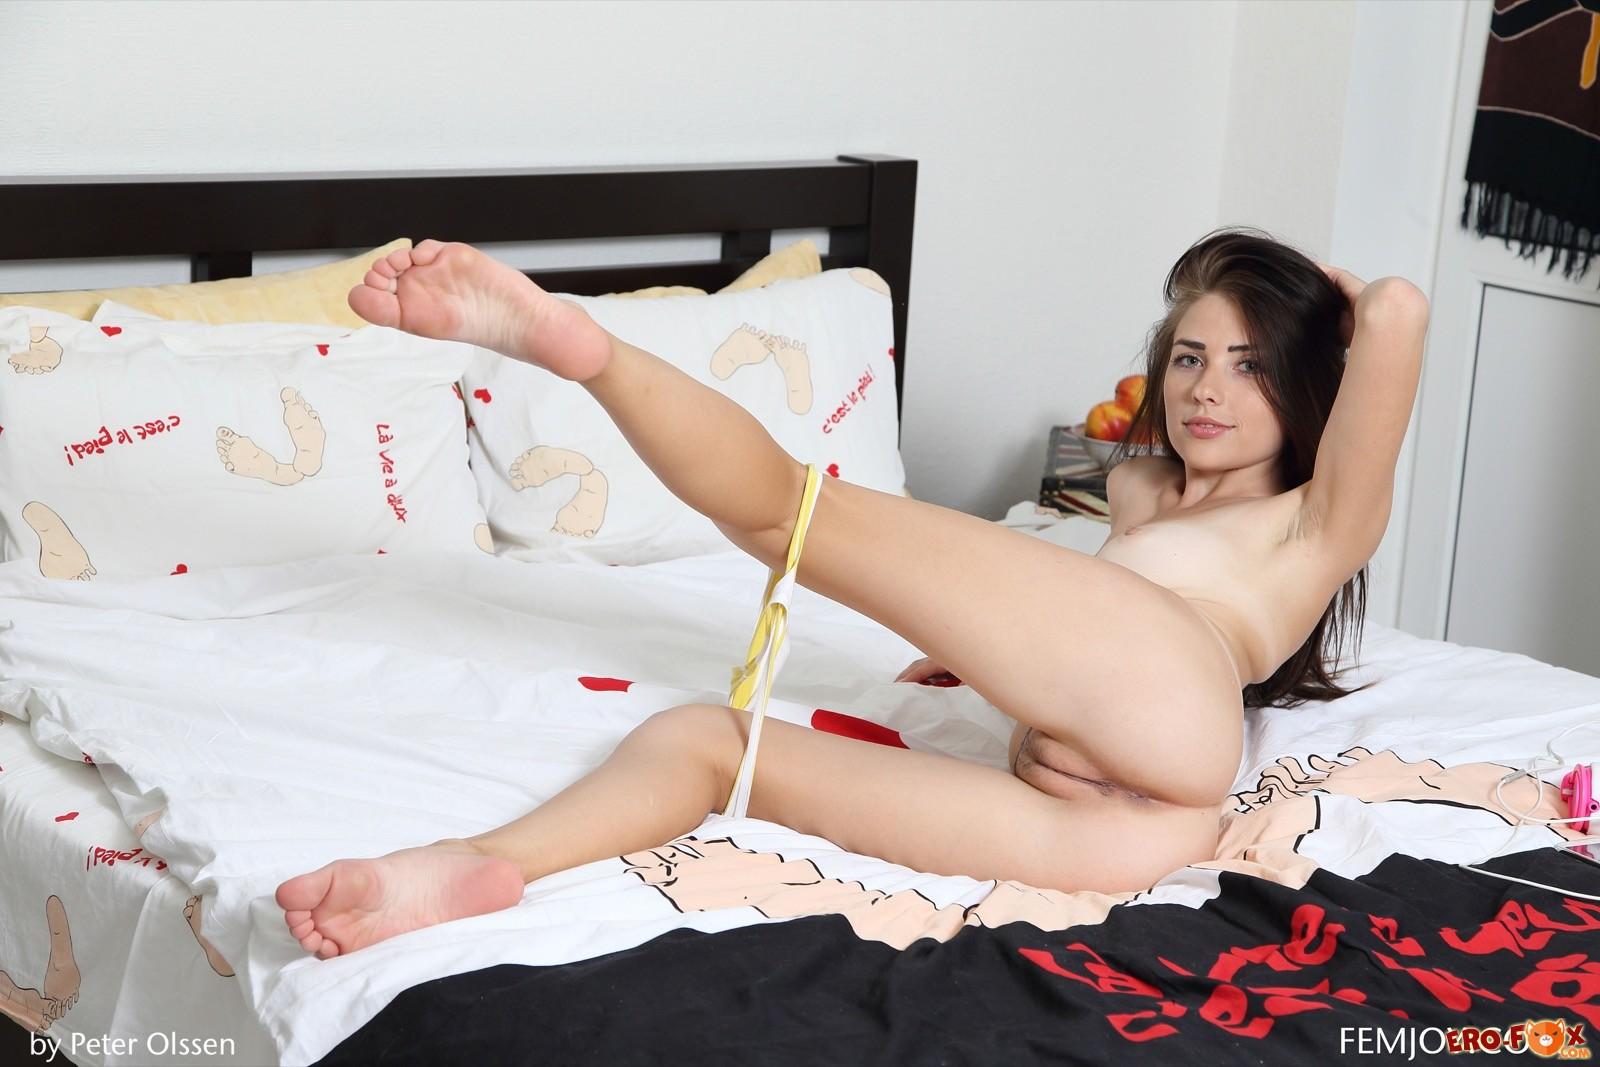 Молодая сексуальная красотка без трусиков в постели